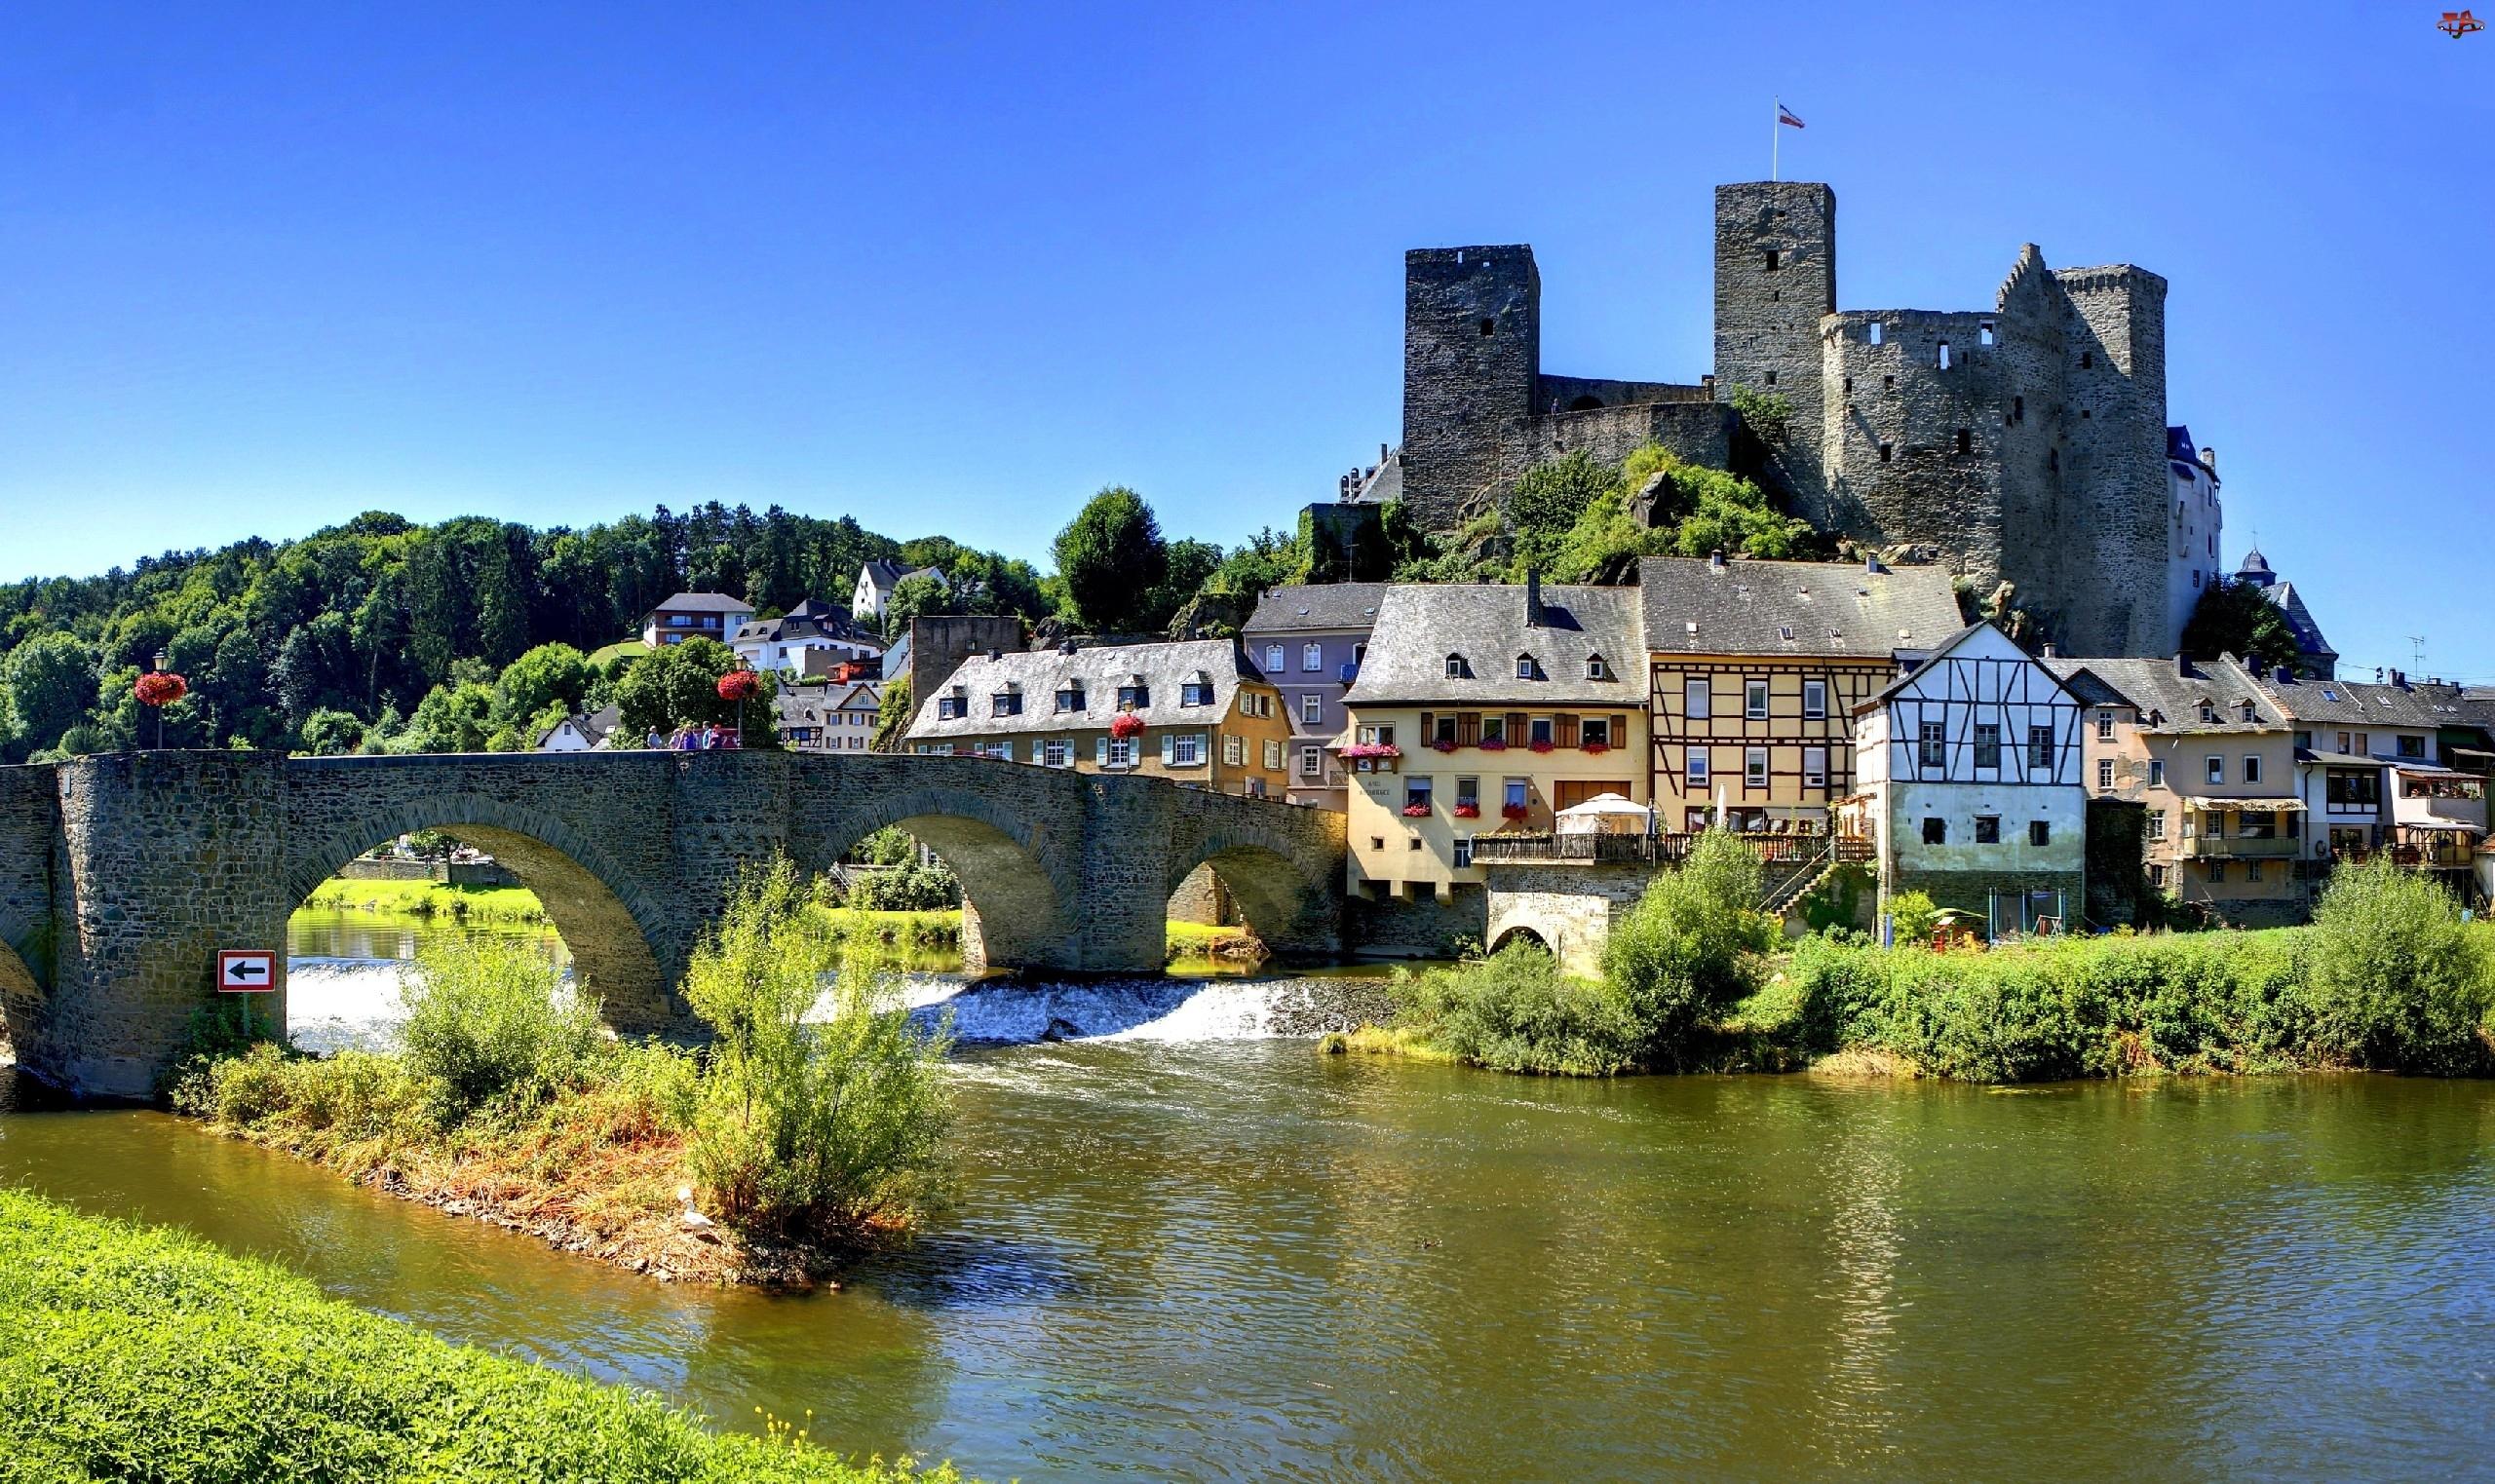 Rzeka, Domy, Most, Zamek